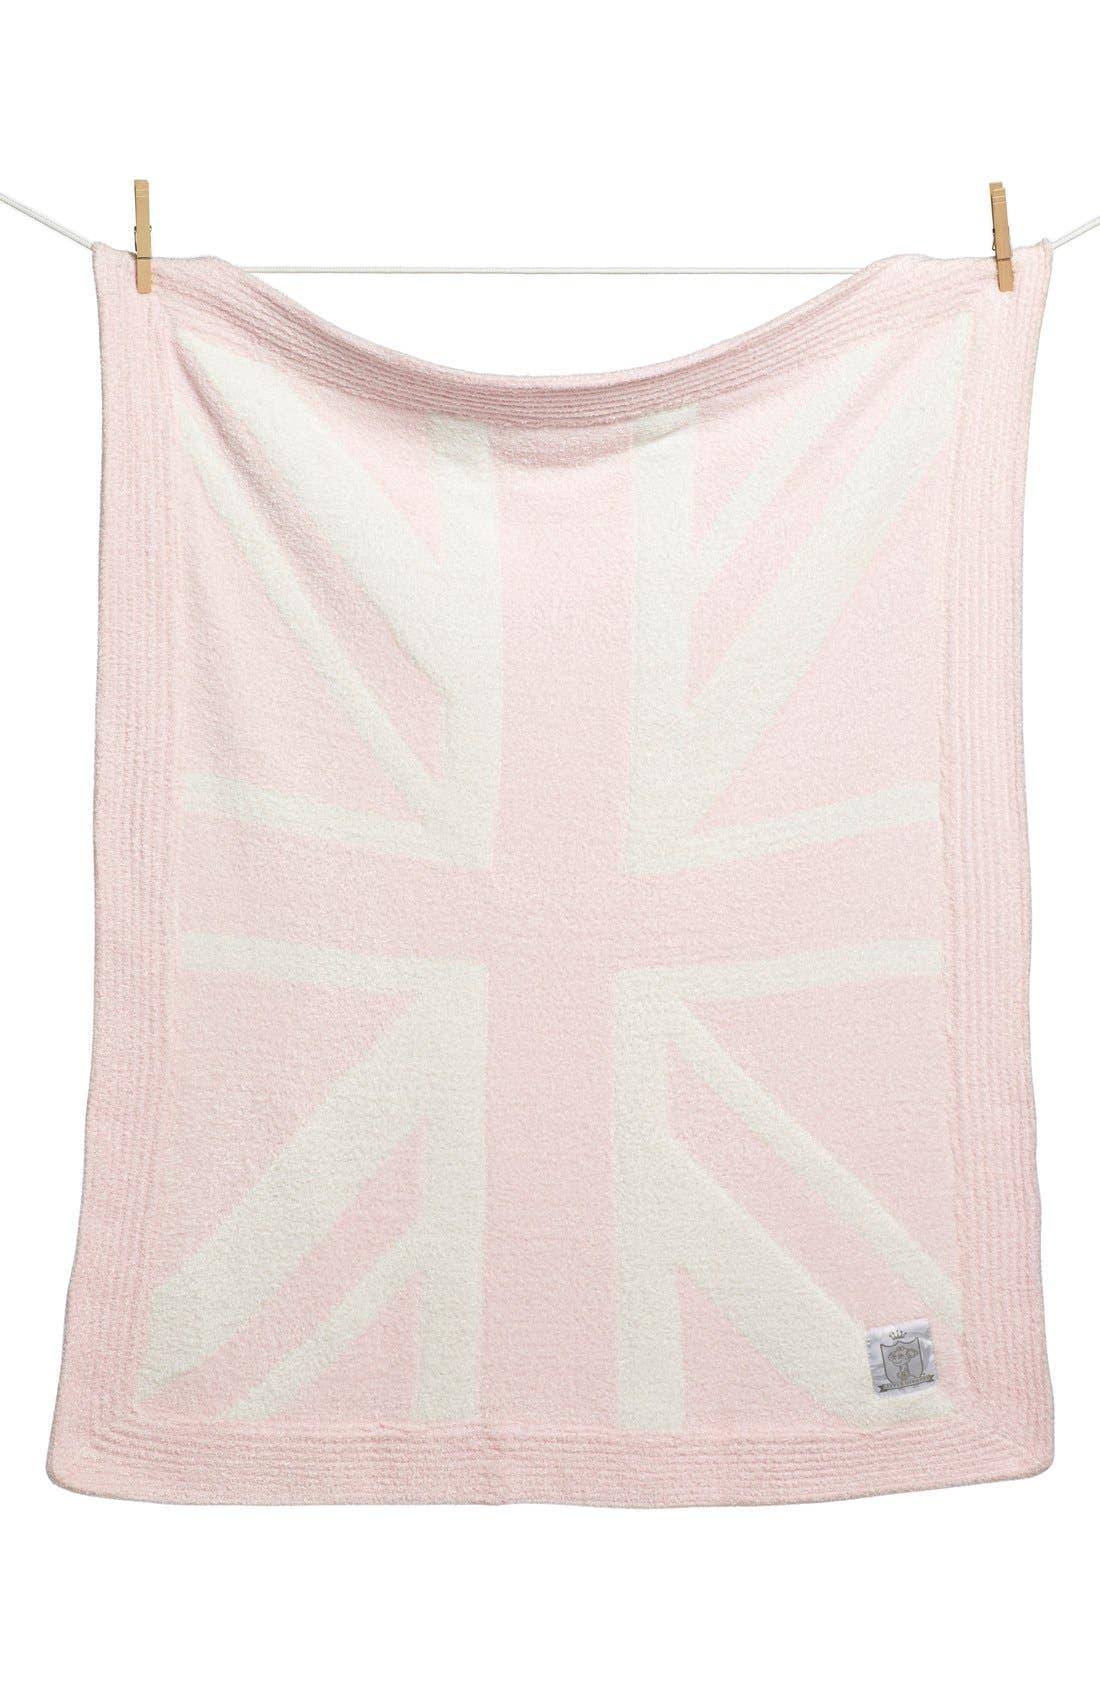 'Dolce Union Jack' Blanket,                         Main,                         color, Pink